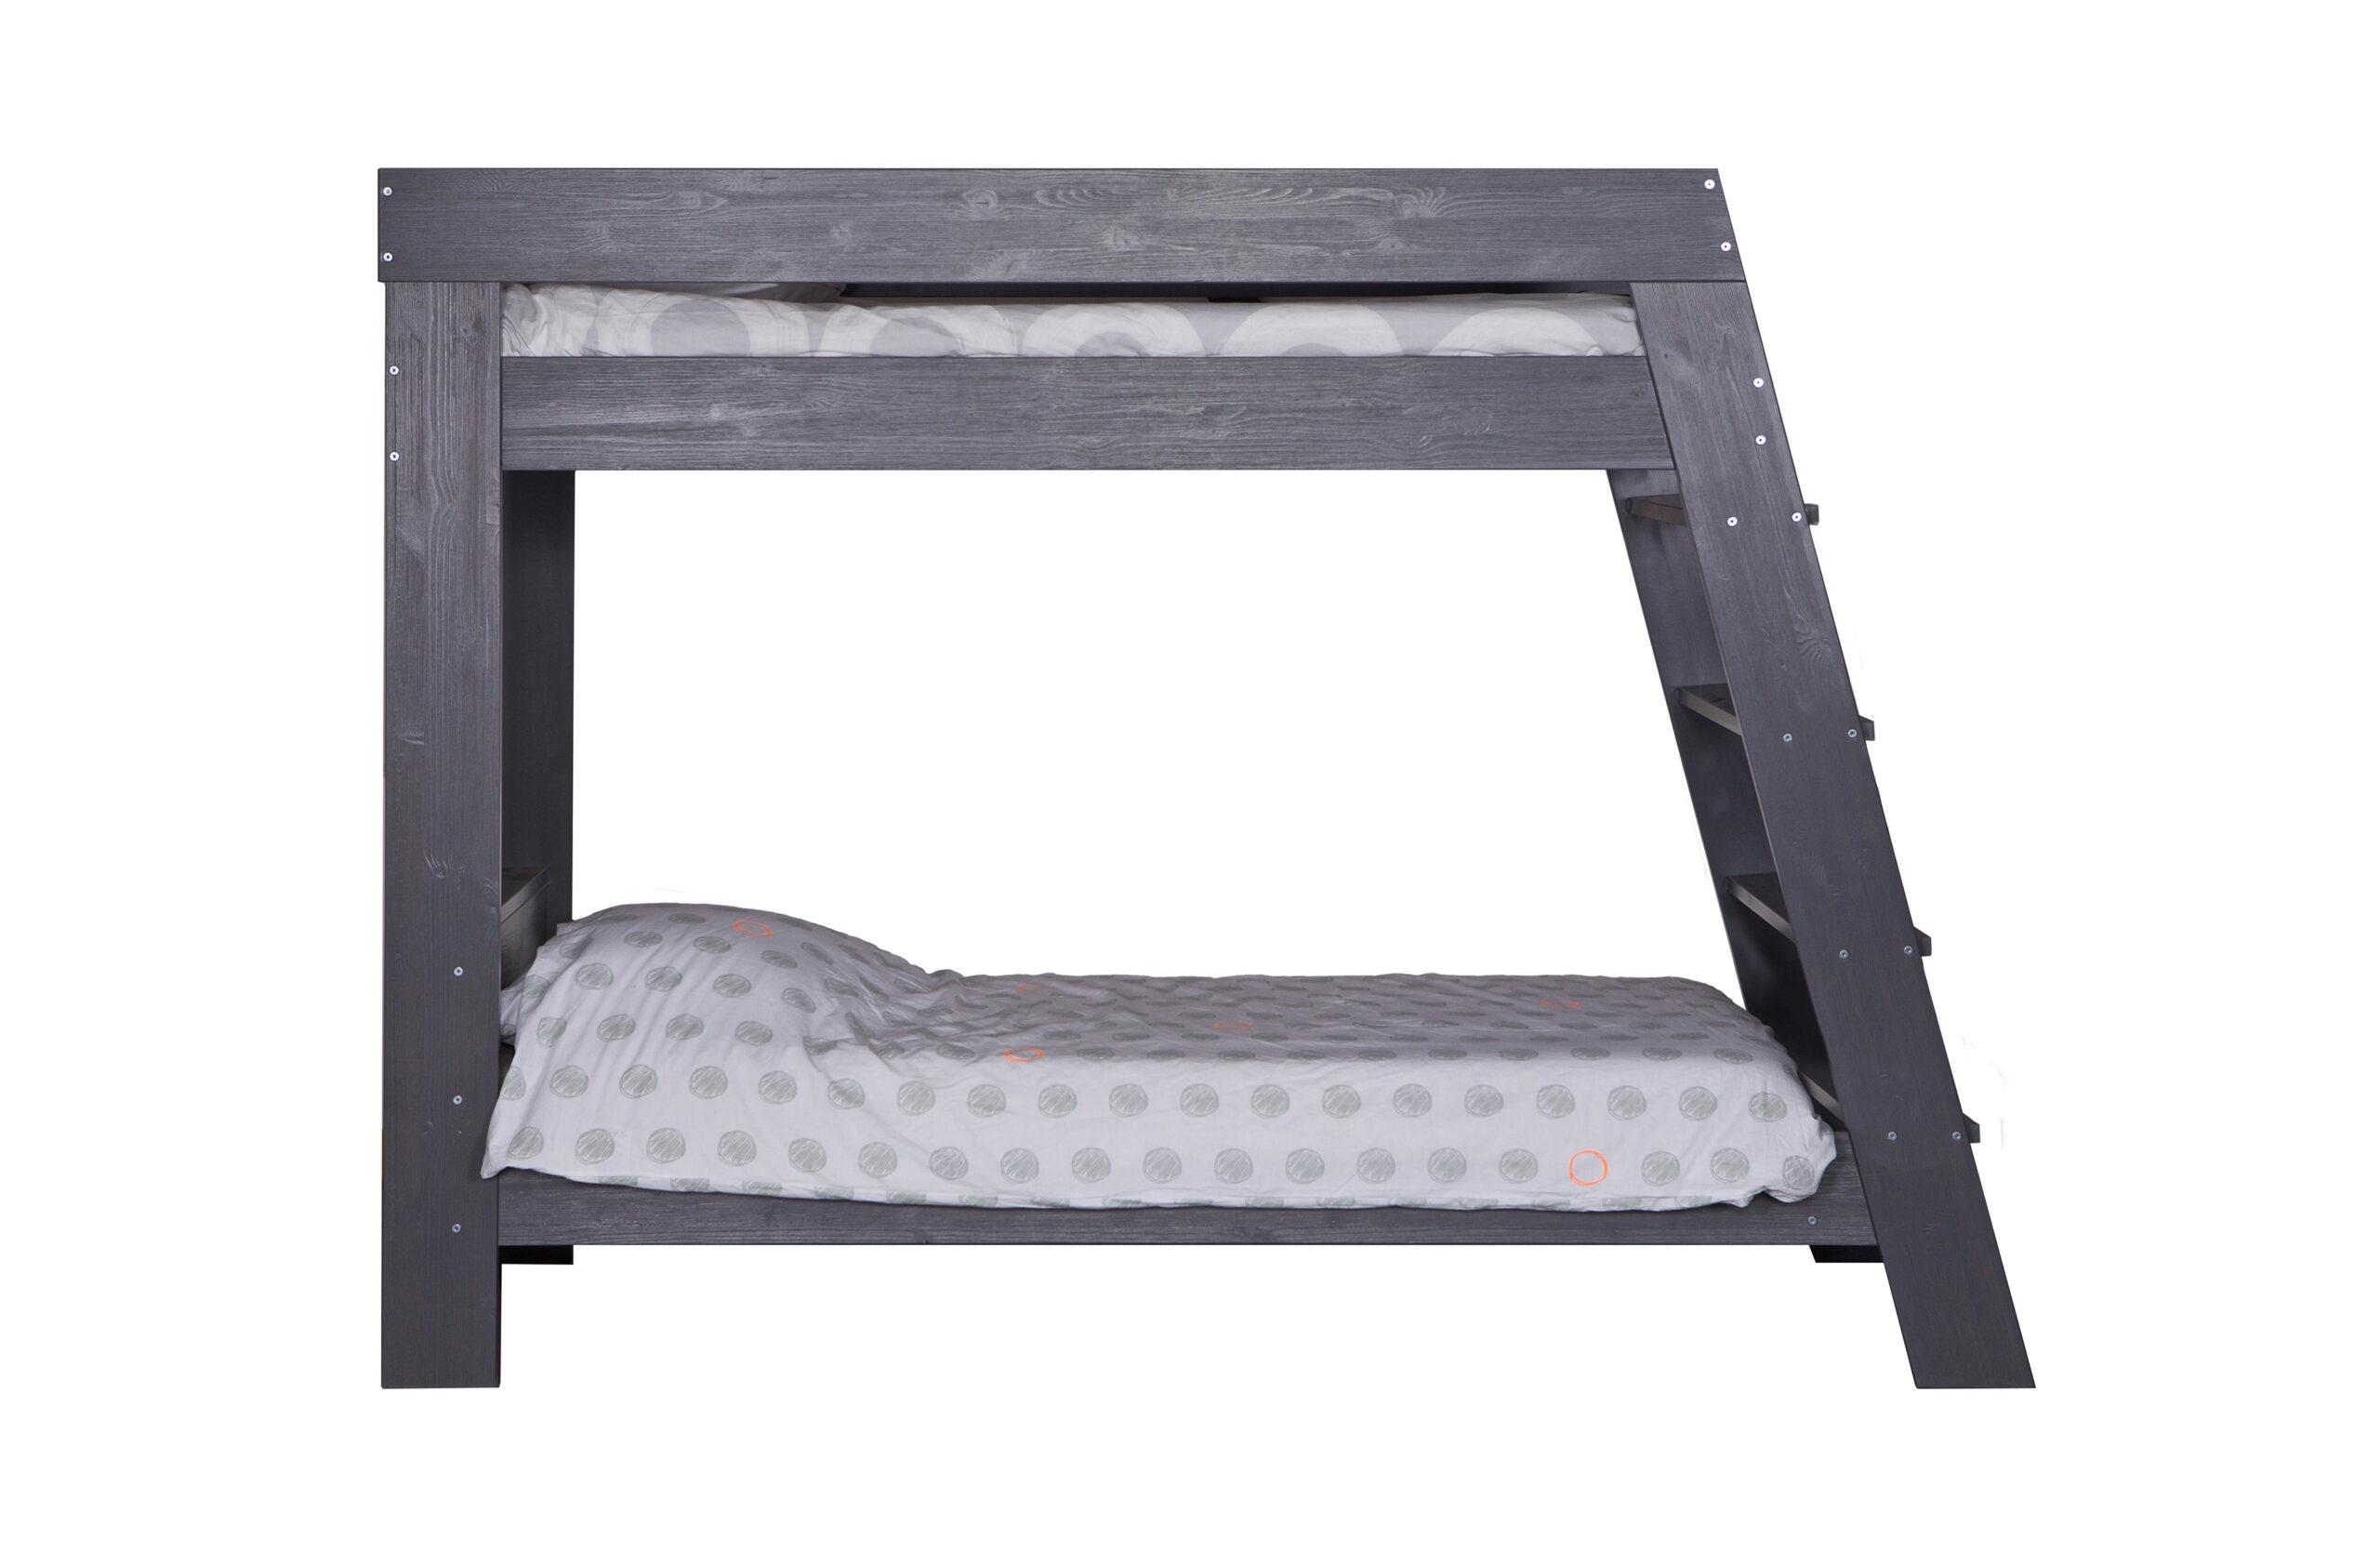 Full Size of Pappbett Ikea Lattenrost Englisch Küche Kaufen Kosten Miniküche Modulküche Betten Bei 160x200 Sofa Mit Schlaffunktion Wohnzimmer Pappbett Ikea